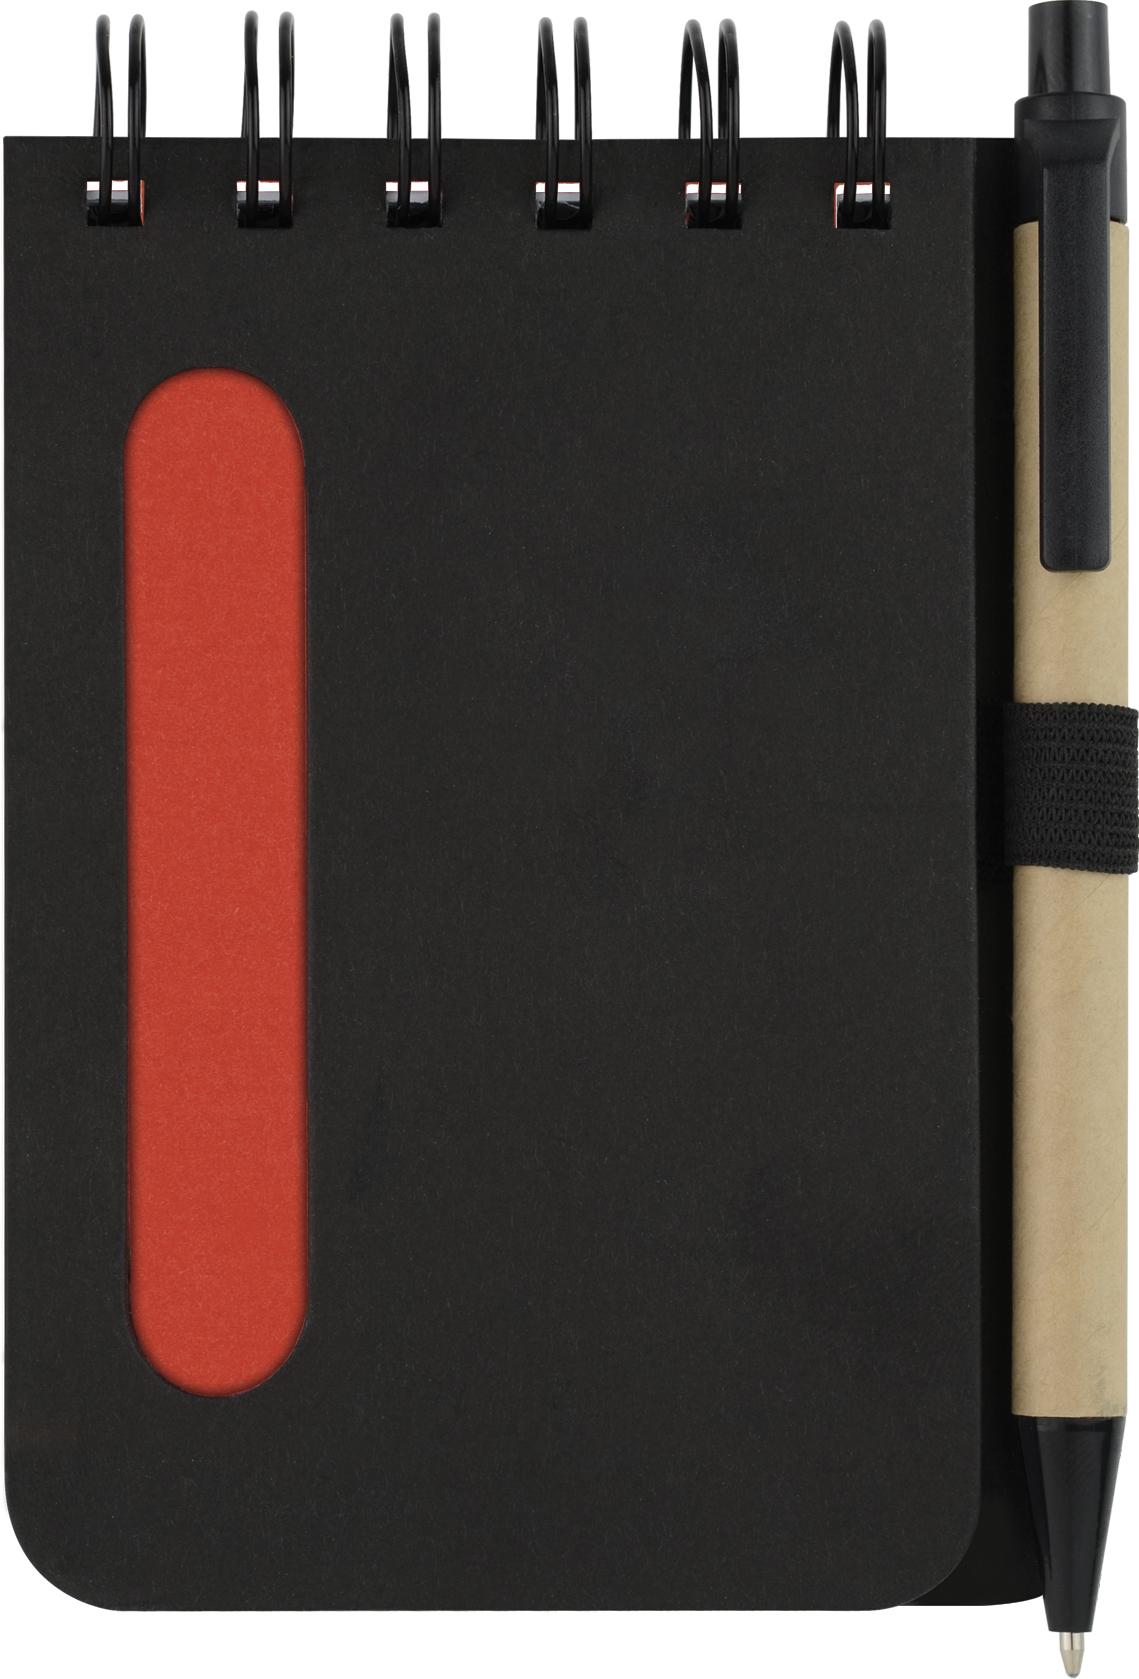 Bloc-notes et stylo  - 70-1049-22